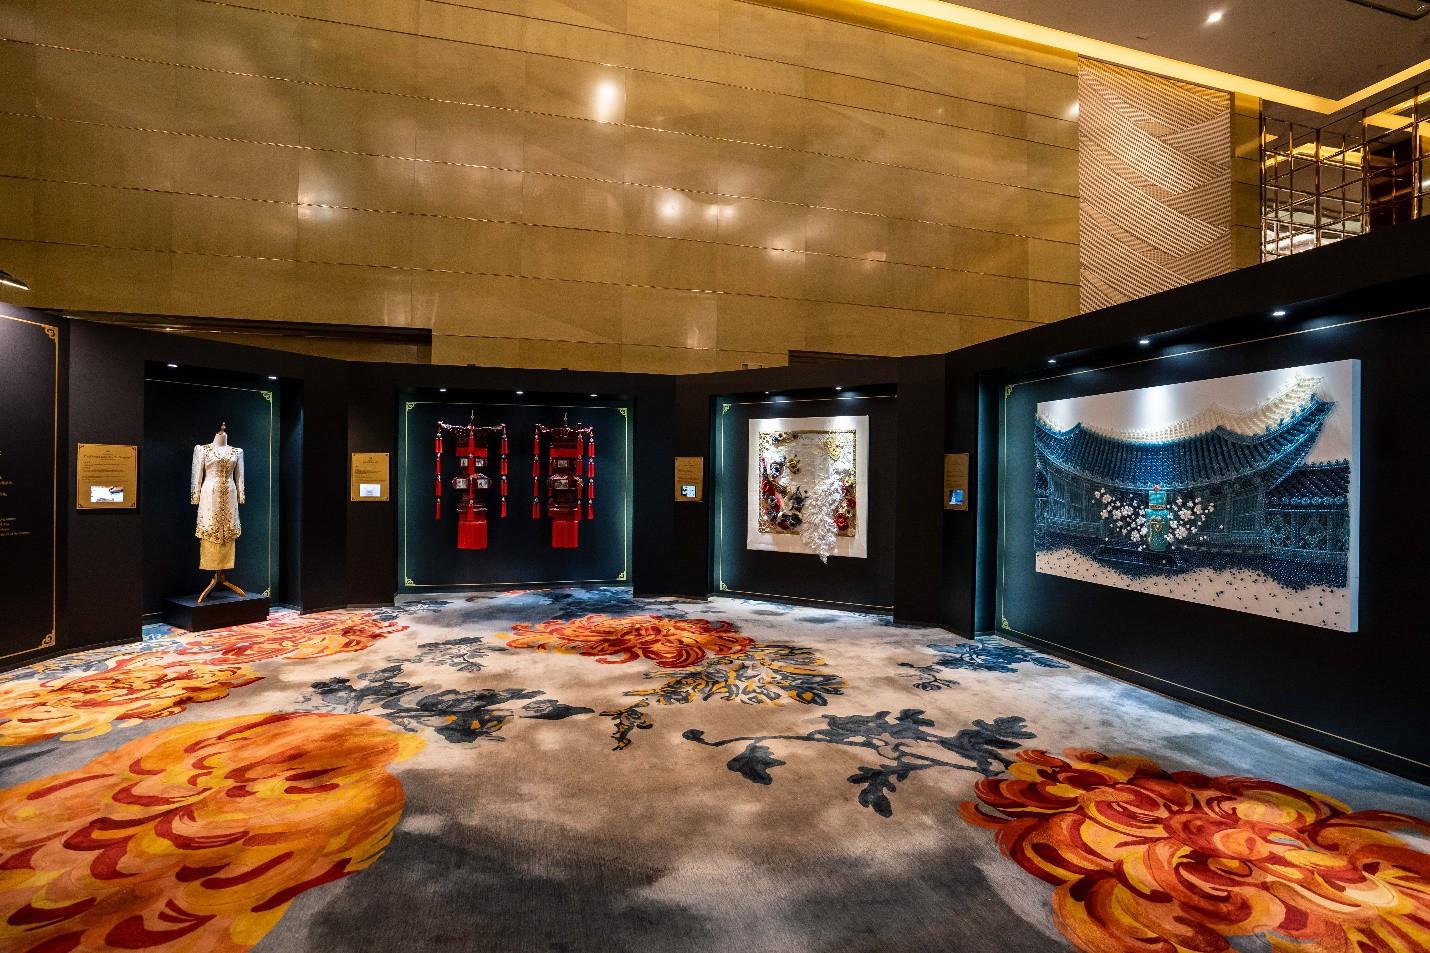 Choáng ngợp trước sự kiện toàn cầu lộng lẫy xa hoa của The history of Whoo tại Thượng Hải - Ảnh 1.